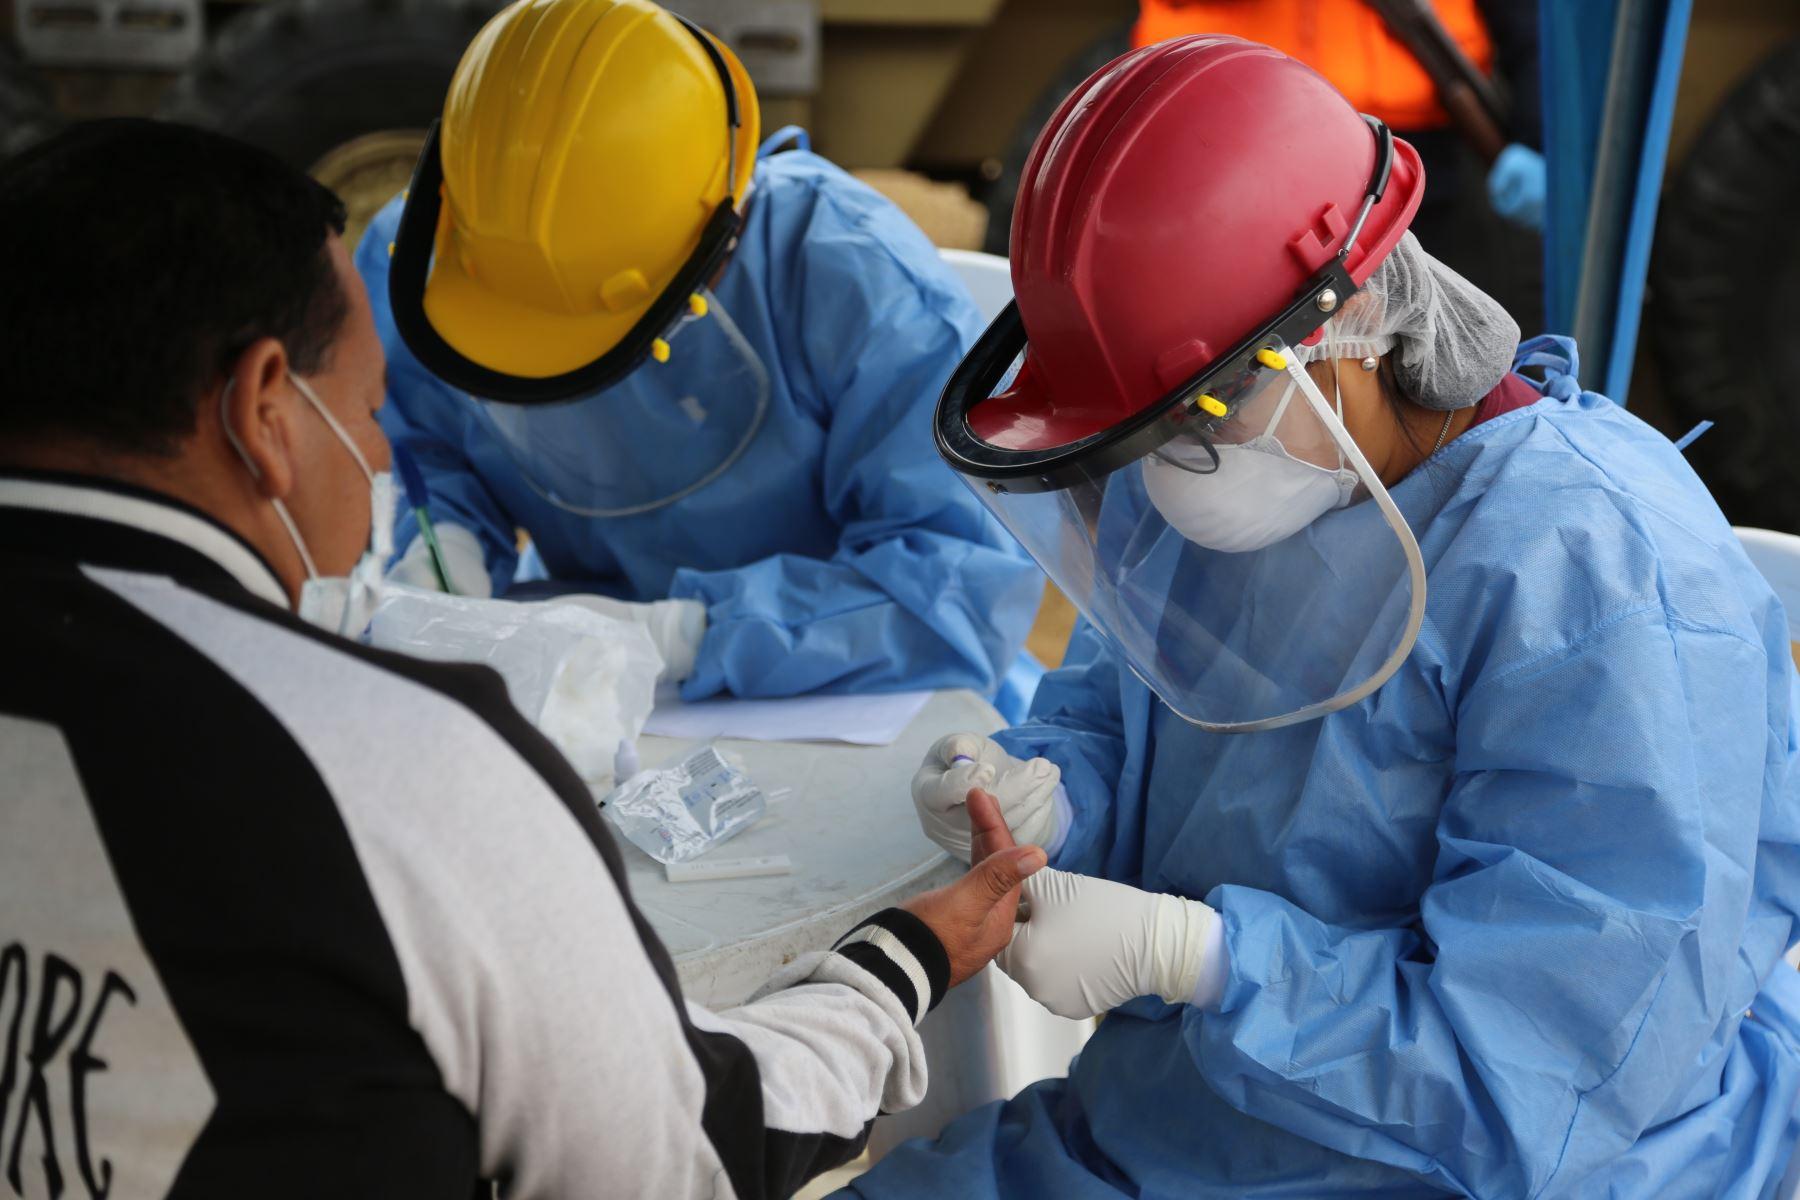 Las pruebas rápidas para el diagnóstico de la covid-19 deben ser aplicadas o realizadas por establecimientos de salud públicos o privados debidamente acreditados. ANDINA/Difusión